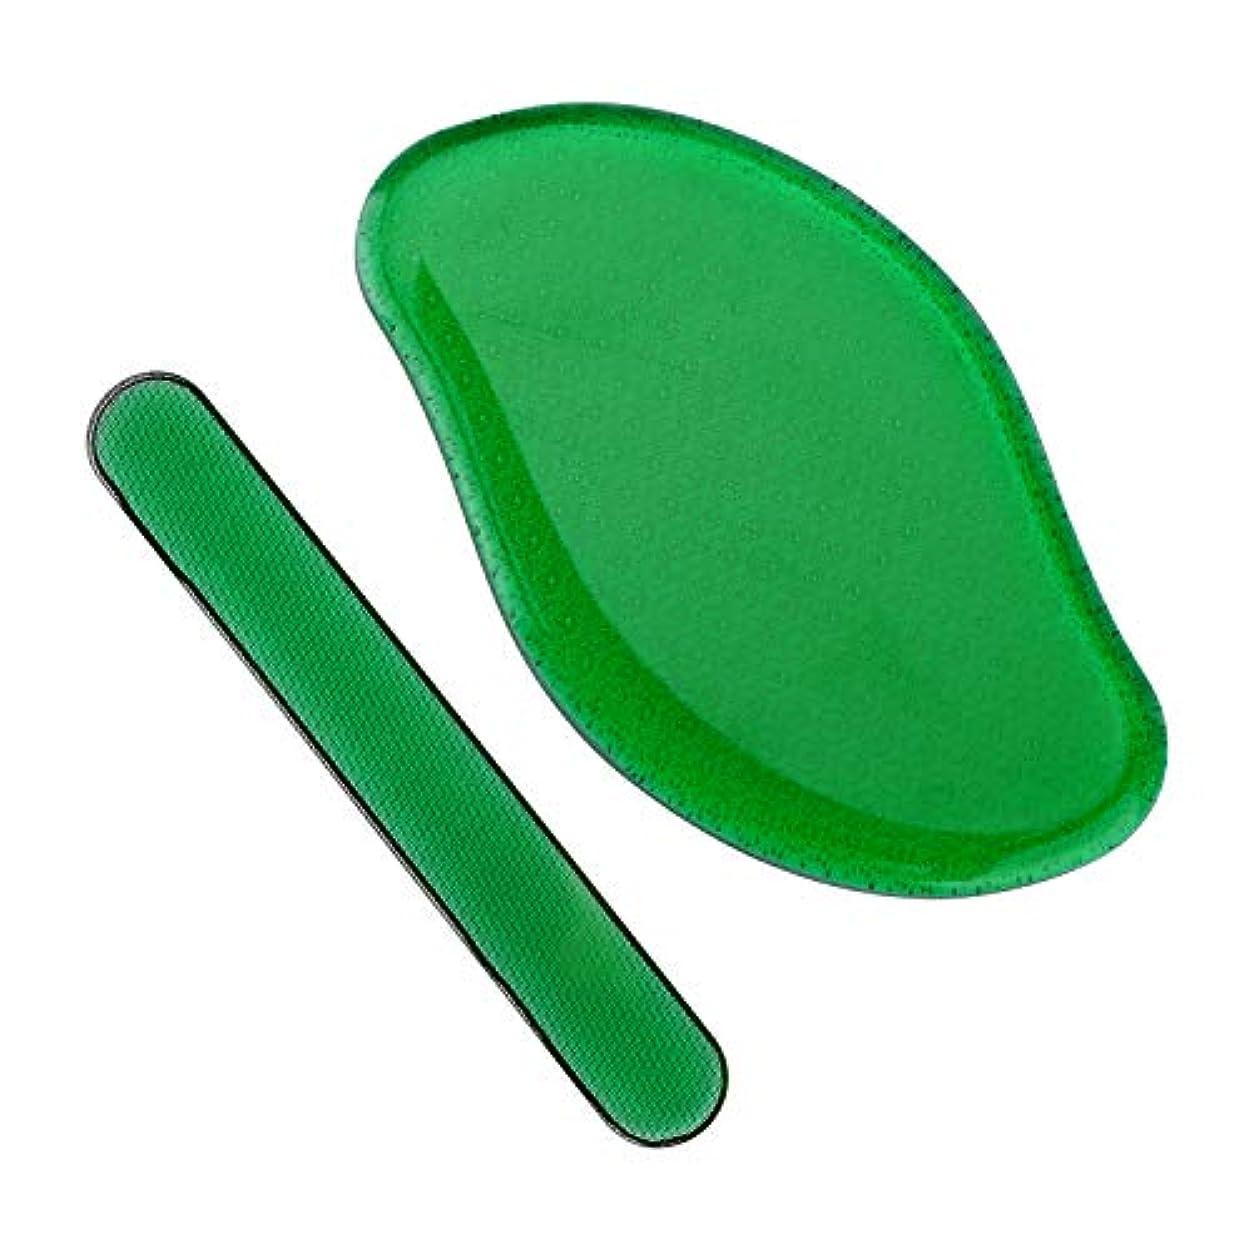 突撃増加するコンプリートShinenail ガラス製 かかと 角質取り かかと削り ガラス 爪磨き付き かかとやすり かかと磨き 角質除去 足 角質ケア ヤスリ 足裏 踵 フットケア 丸洗いOK 爪磨き付き